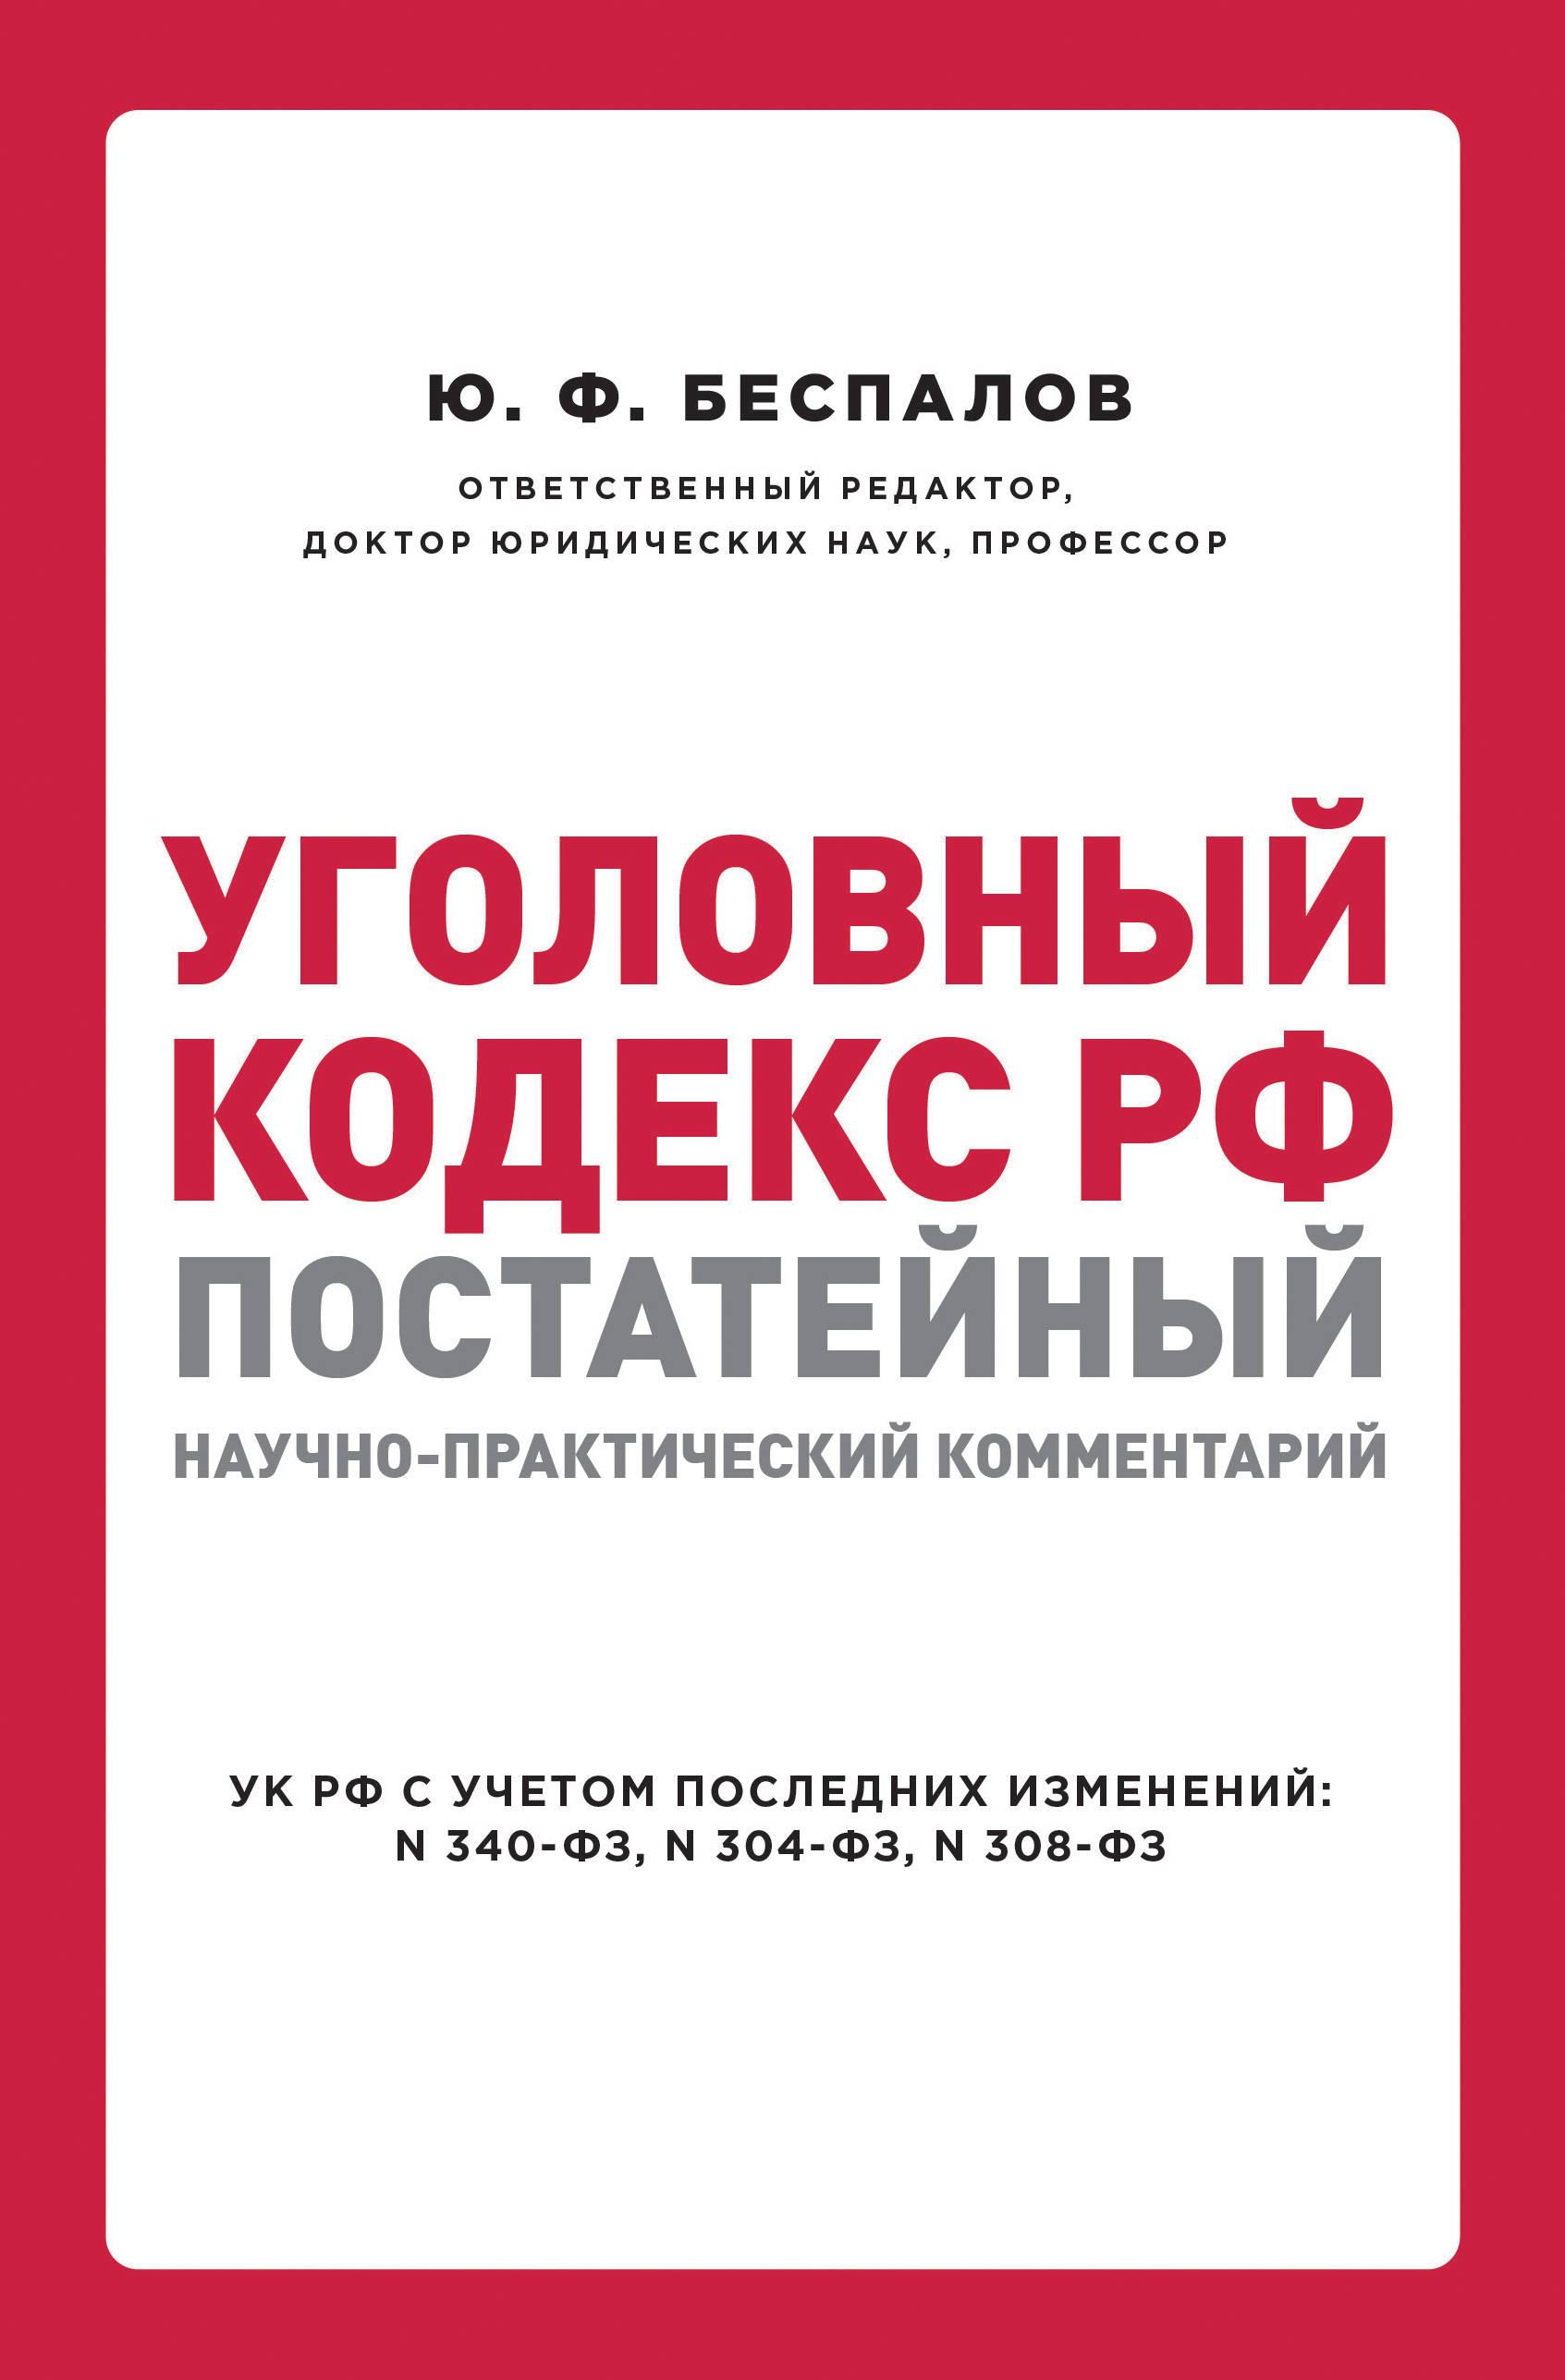 Ugolovnyj kodeks RF: postatejnyj nauchno-prakticheskij kommentarij. 2 izdanie